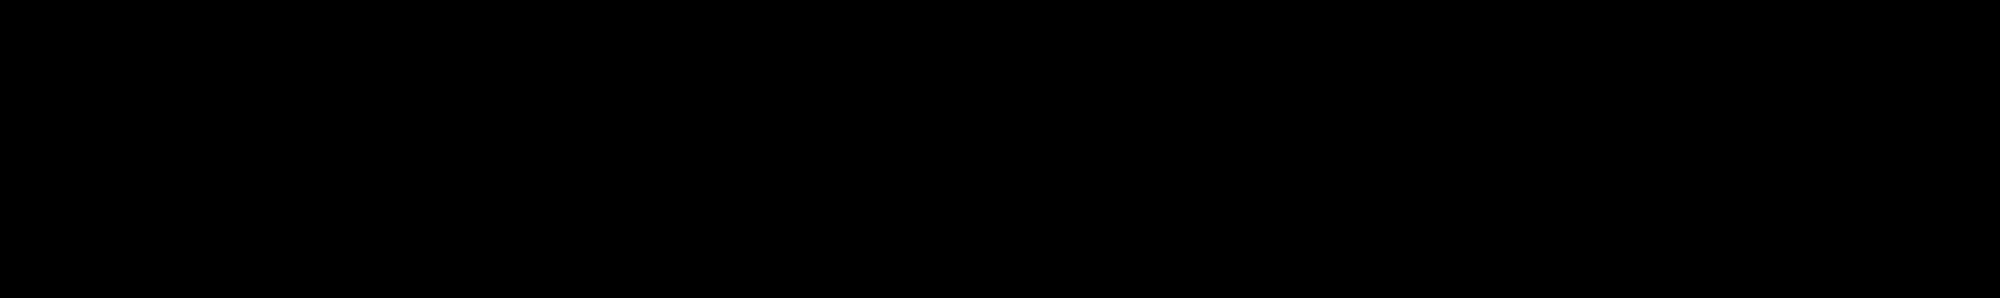 conde-nast-logo